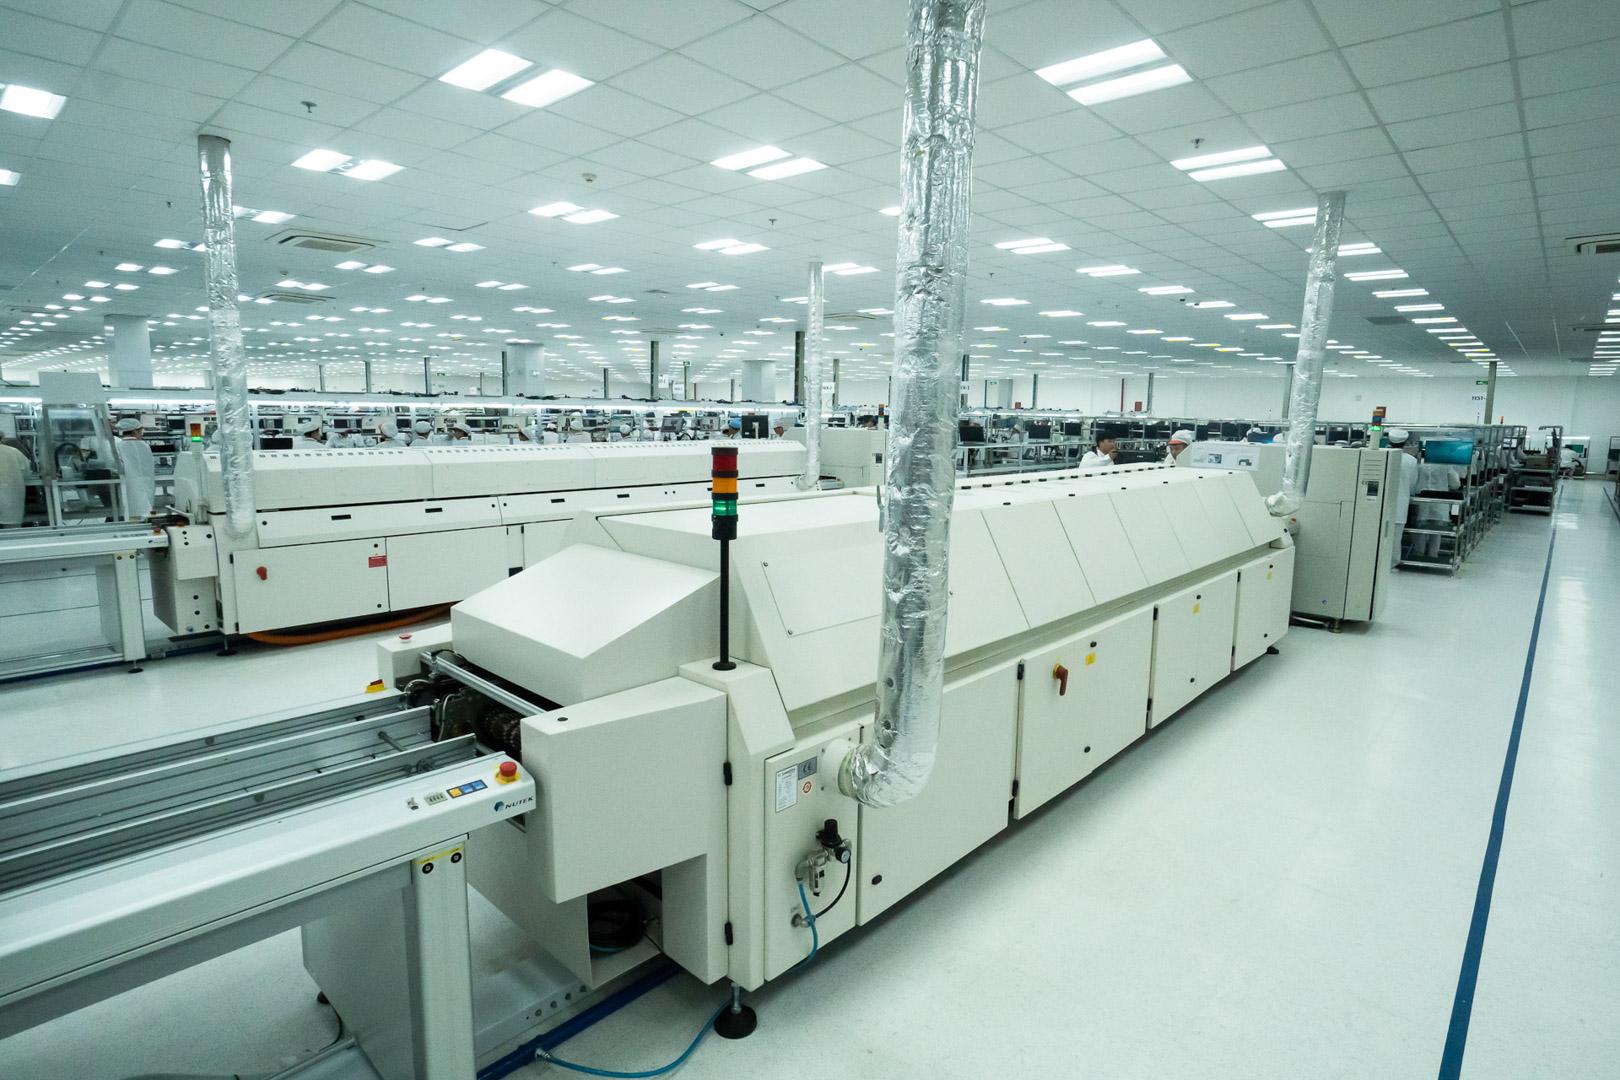 Vingroup khởi công nhà máy điện thoại thông minh công suất 125 triệu máy/năm - Ảnh 2